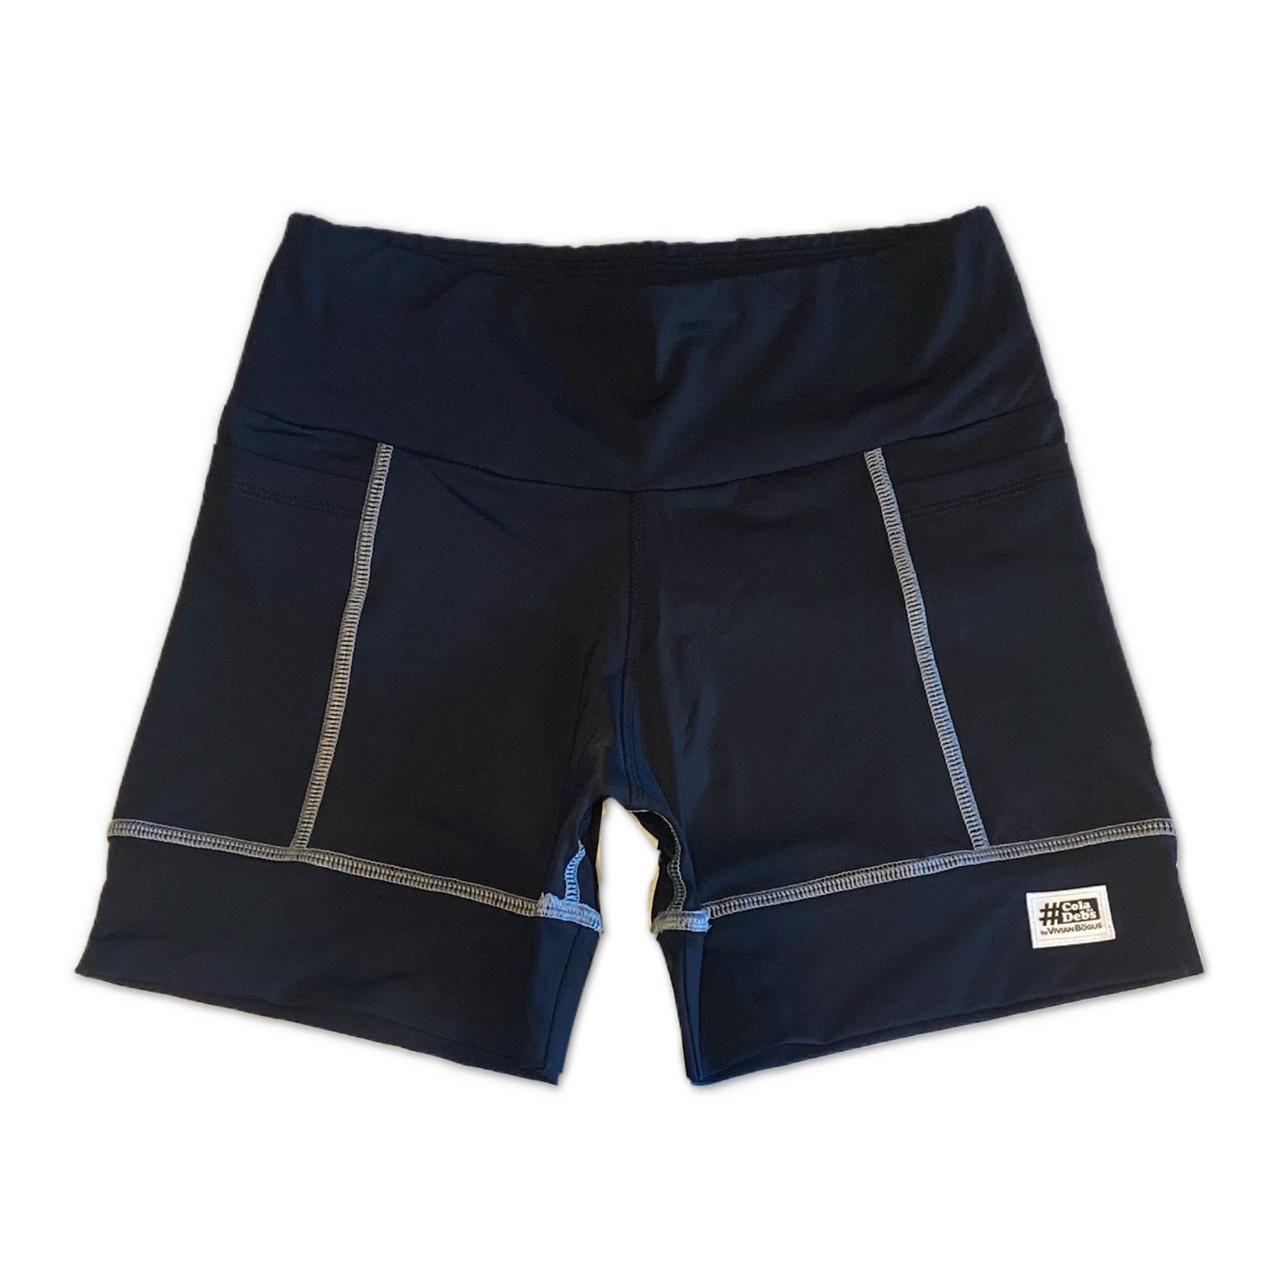 Shorts de compressão 2 bolsos Square em sportiva preto costura cinza  - Vivian Bógus